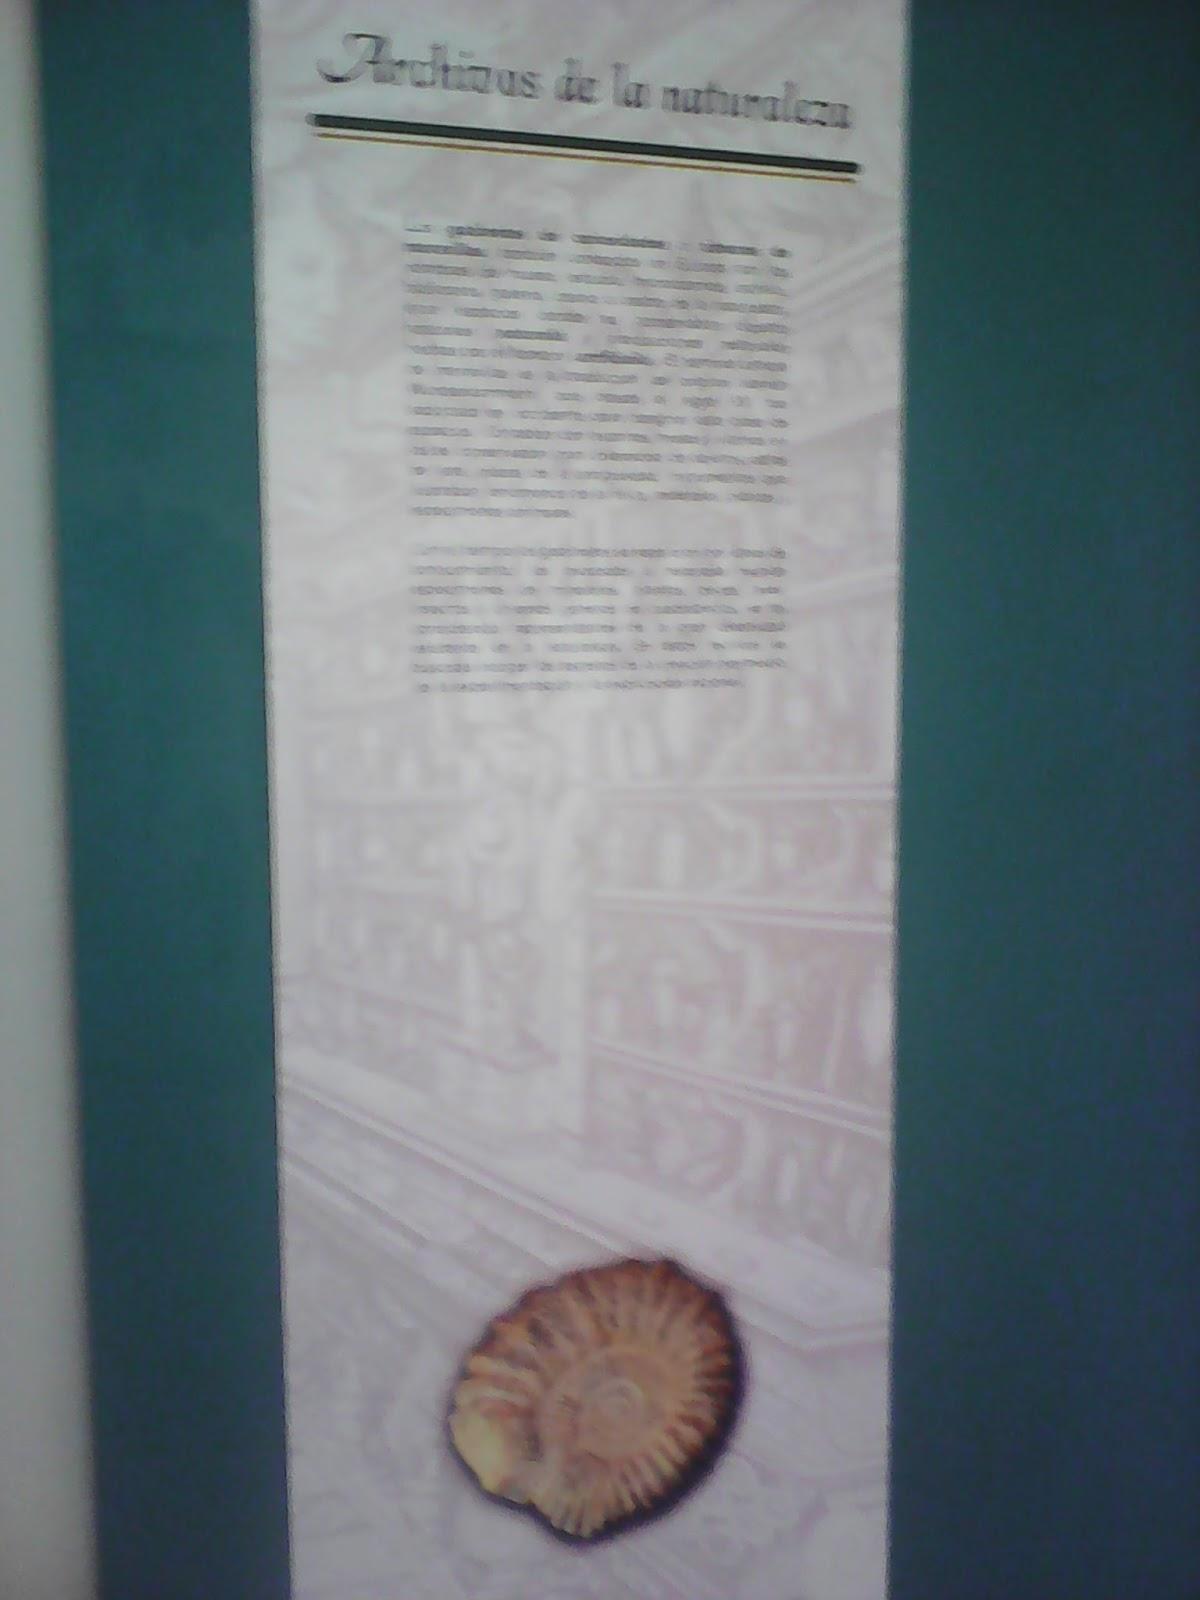 Museo de Historia Natural Dr. Manuel M. Villada